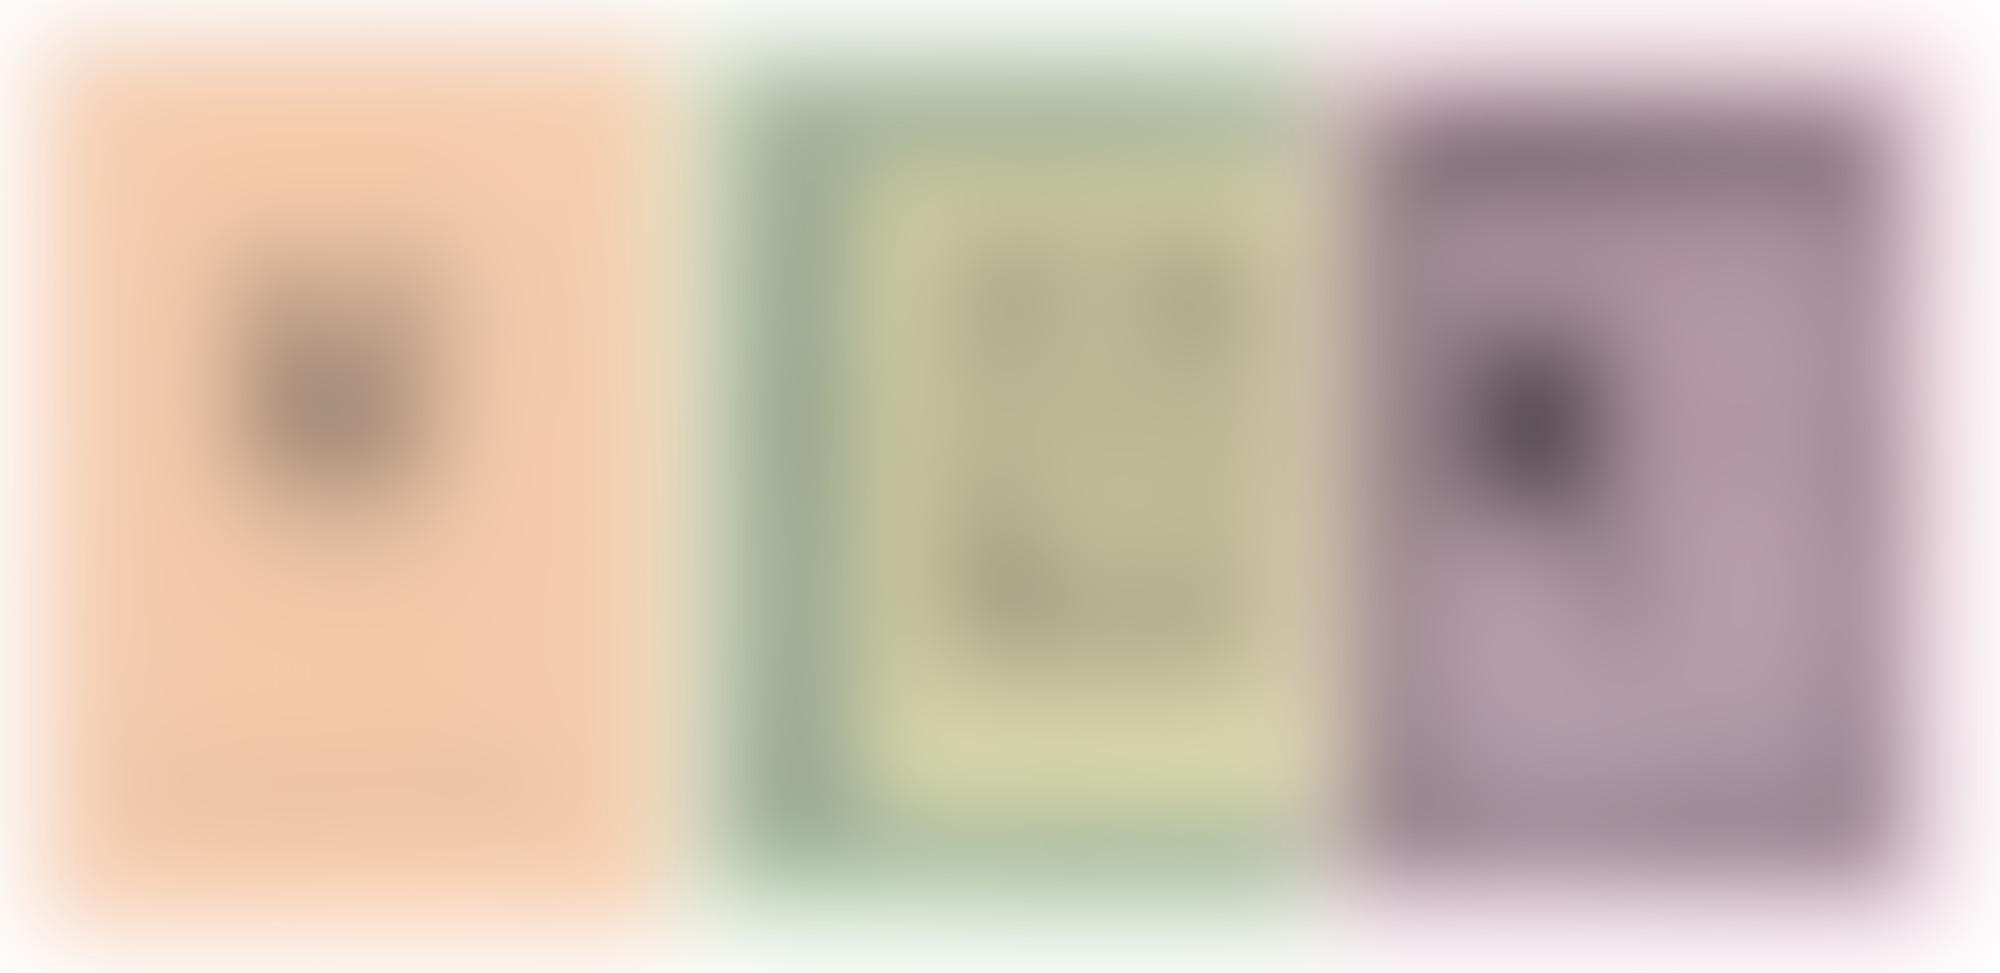 Portraits Zine made January 2019 autocompressfitresizeixlibphp 1 1 0max h2000max w3 D2000q80s031282aa54d6fee0c8b68fa728cea891